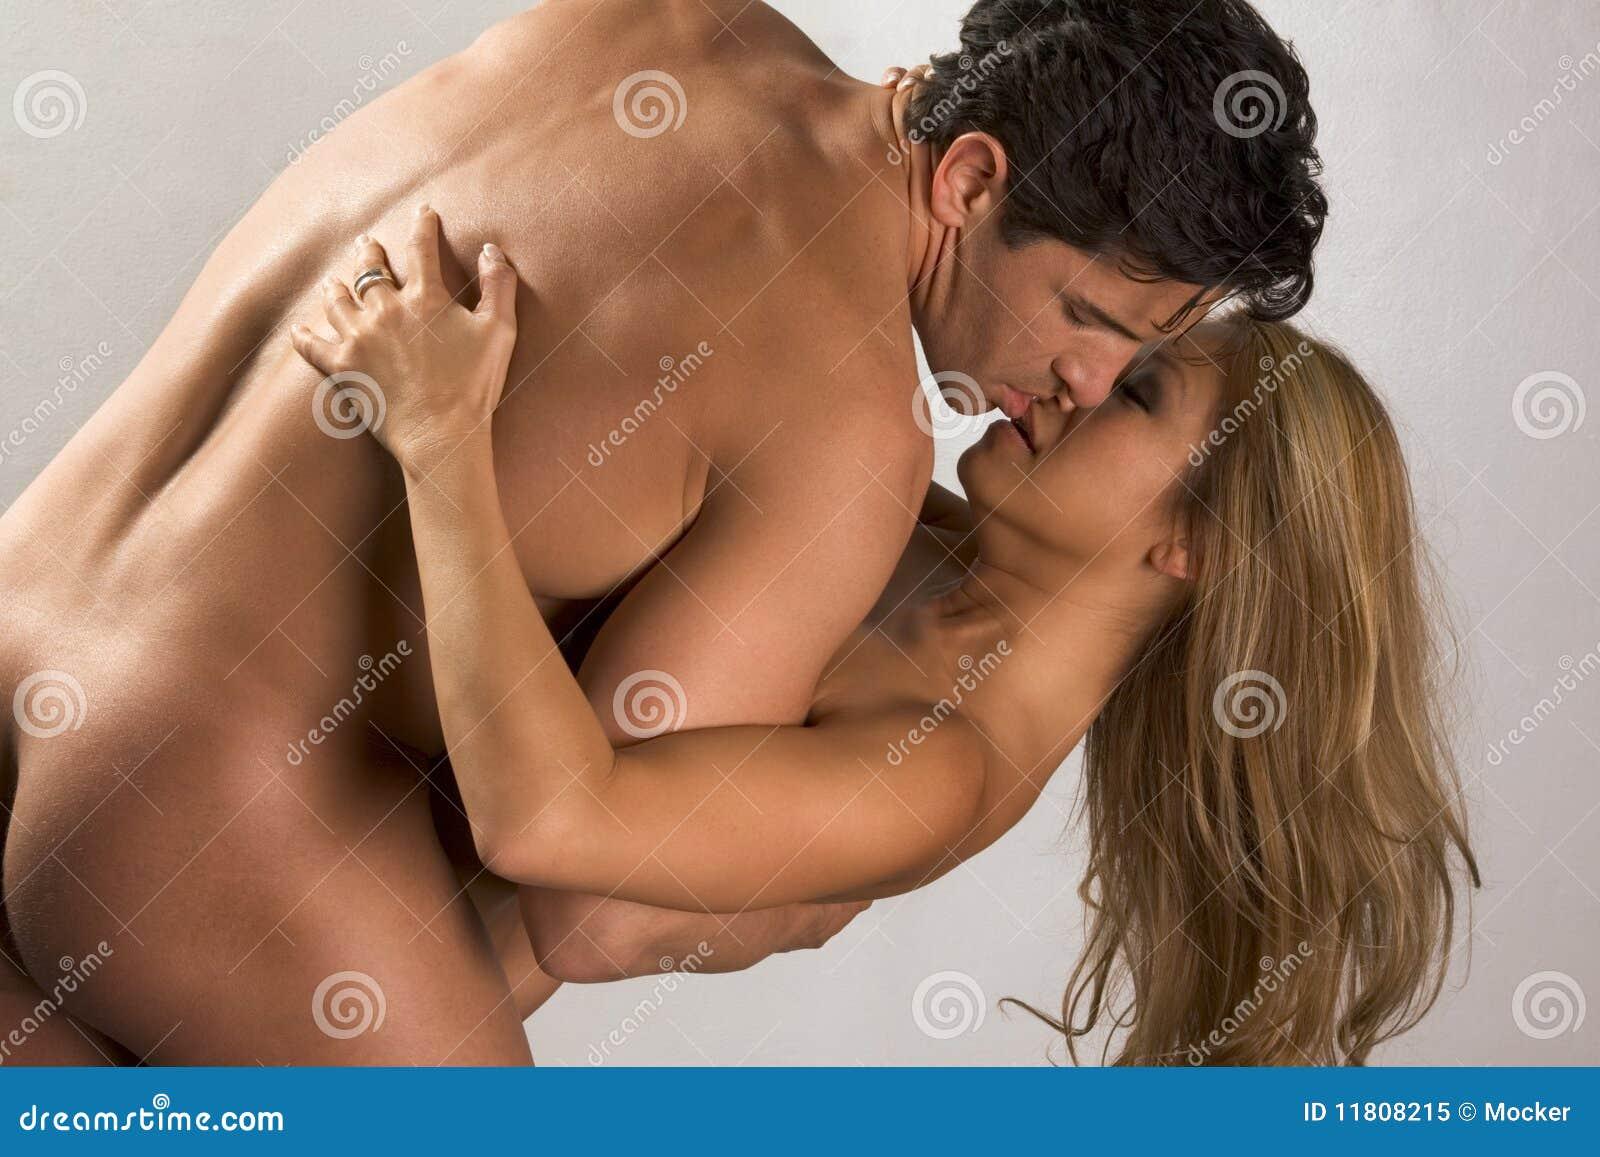 fri interracial naken